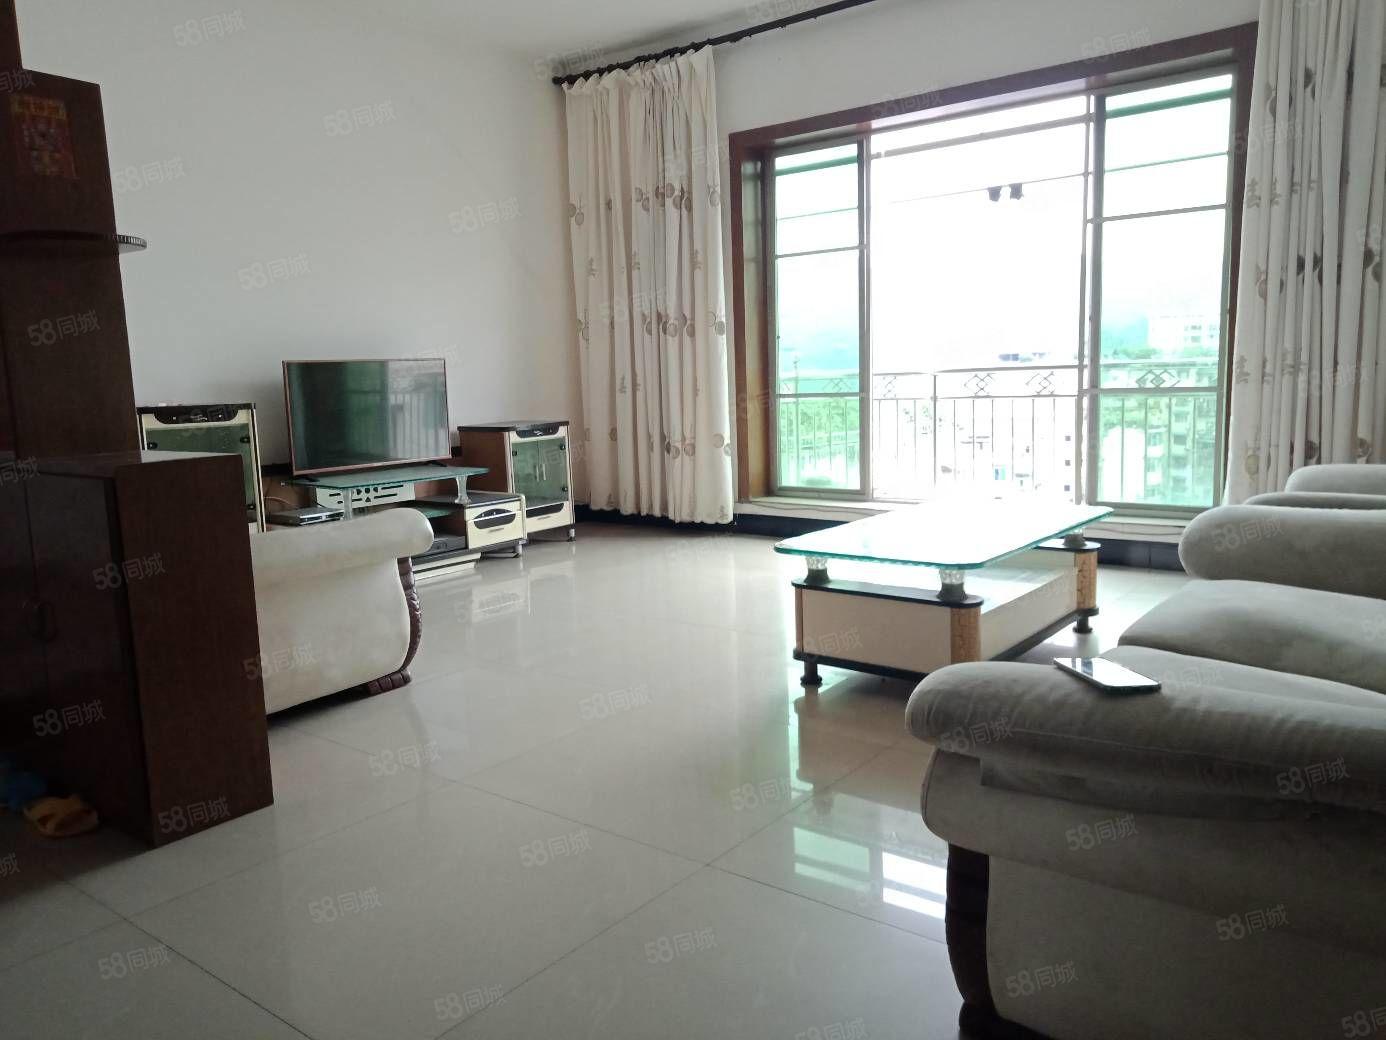 赤水大酒店旁枫桦小区精装3室2厅1厨1卫送楼顶急售